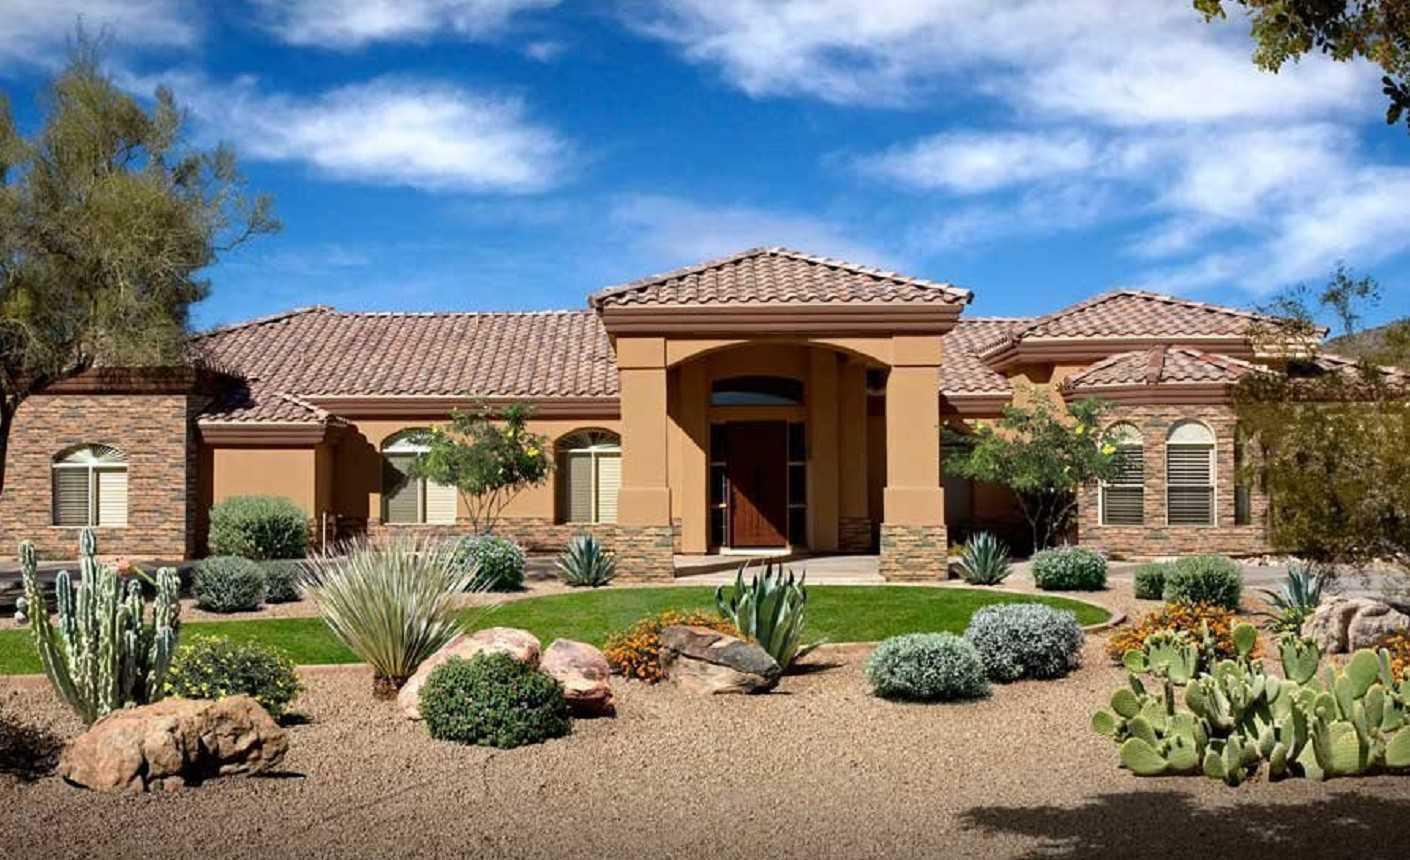 Summer cottage with desert landscape design